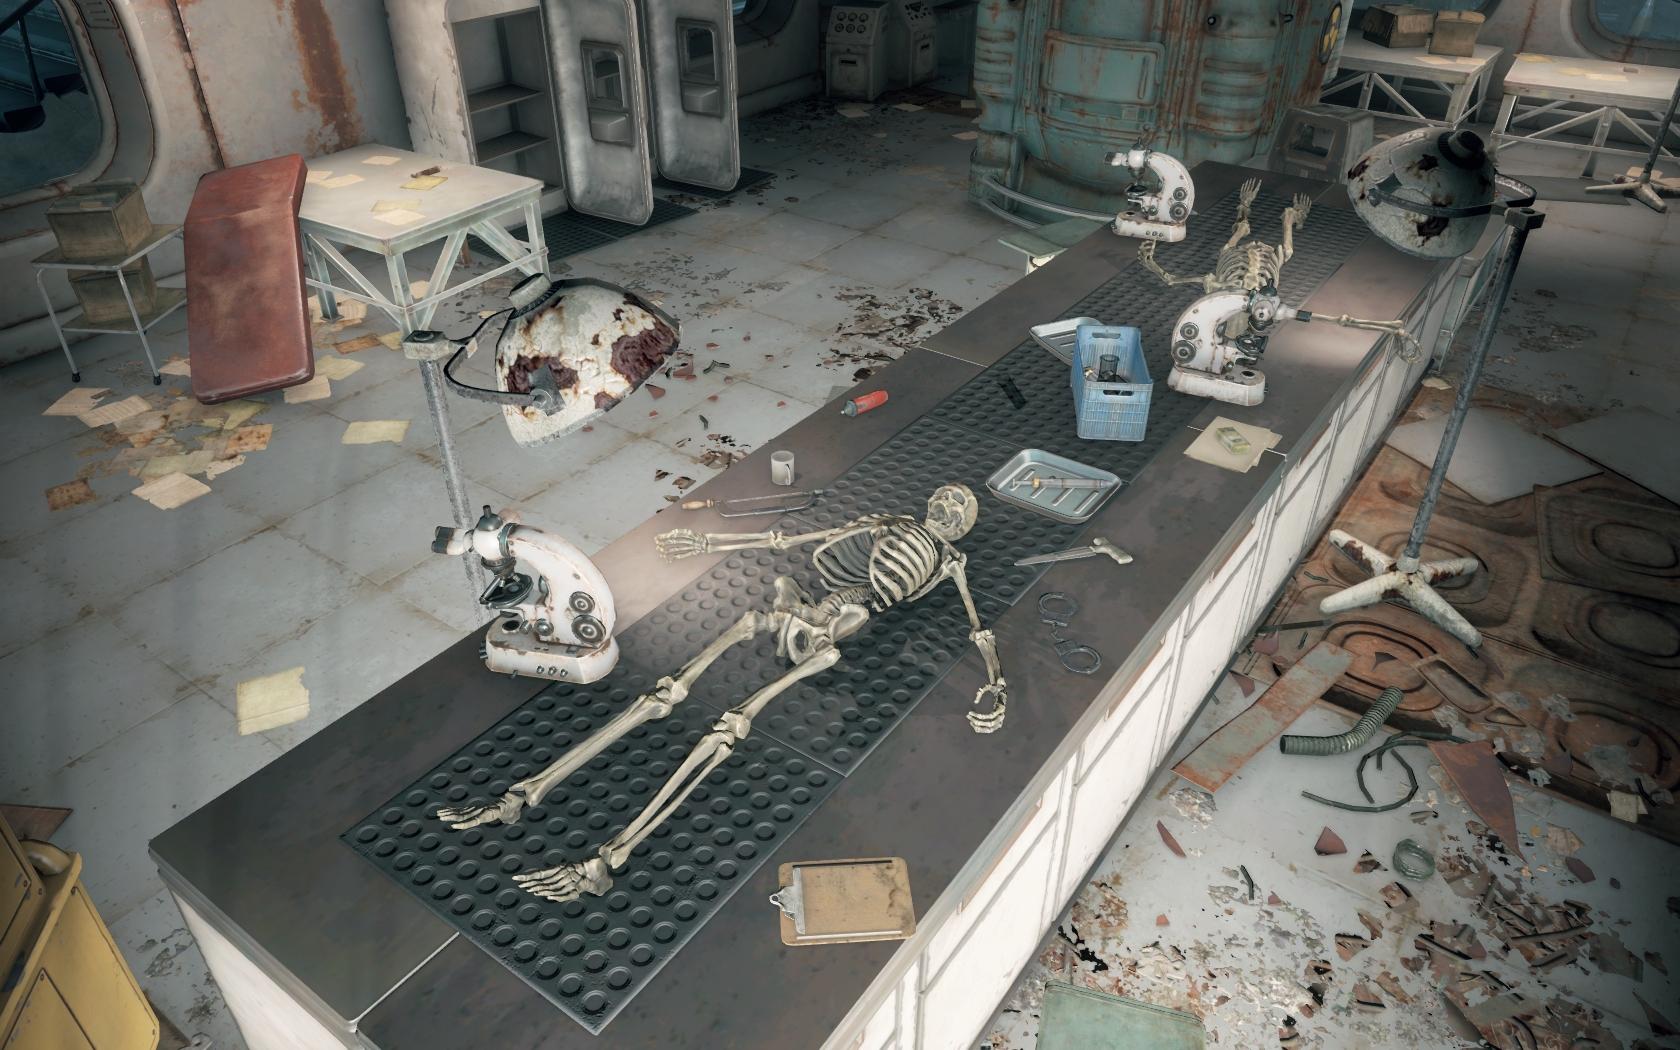 Операция с элементами насилия (Мед-Тек Рисёрч) v2 - Fallout 4 Мед-Тек Рисёрч, скелет